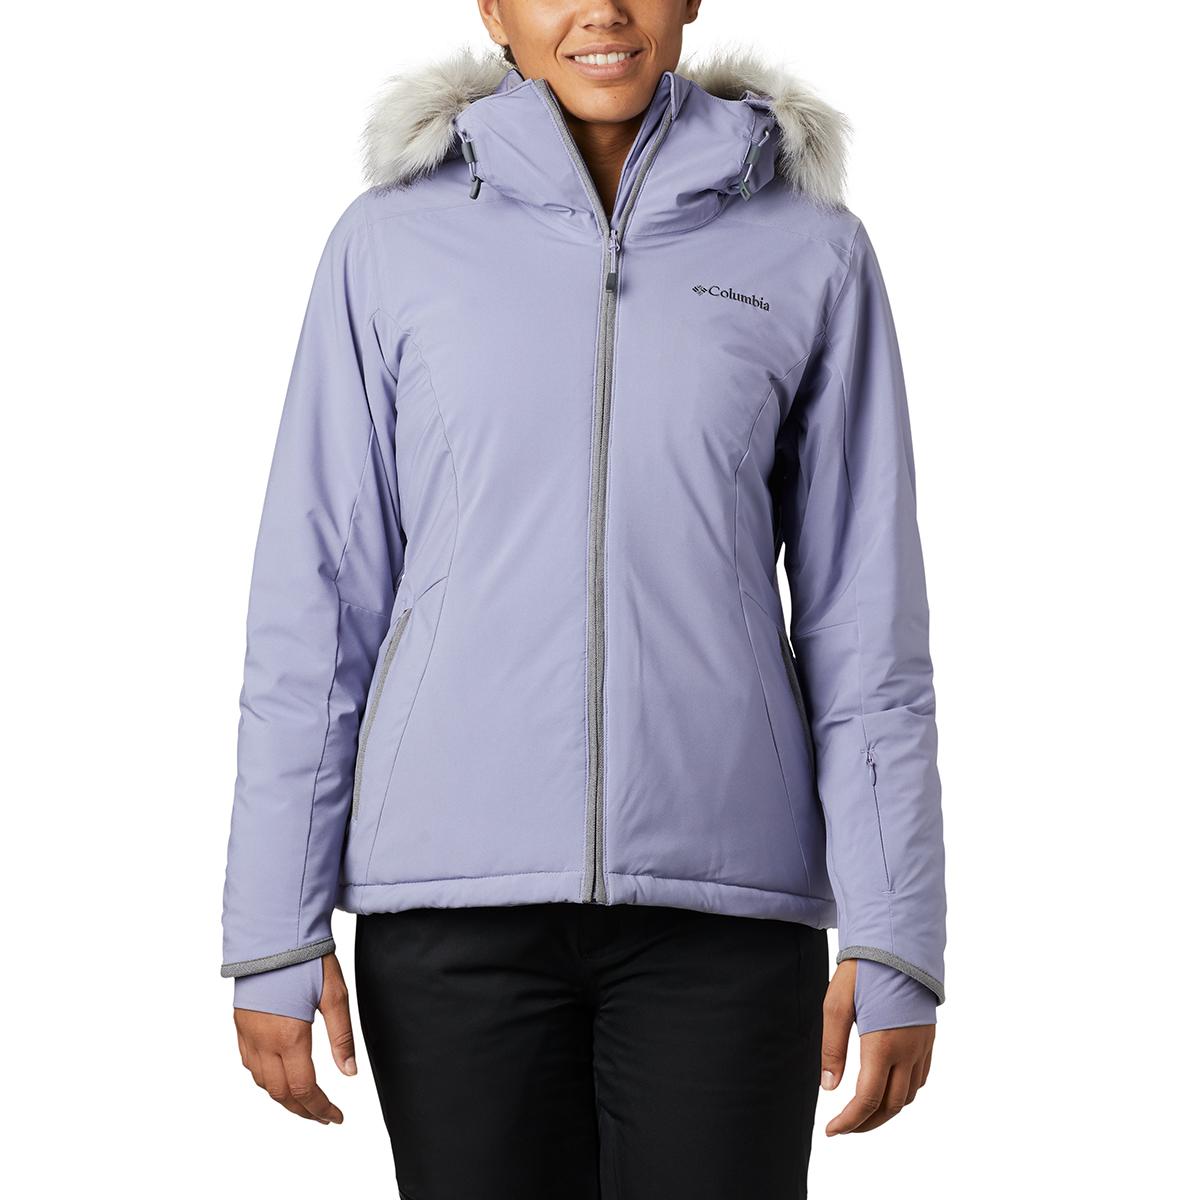 Columbia Women's Alpine Slide Jacket - Red, S